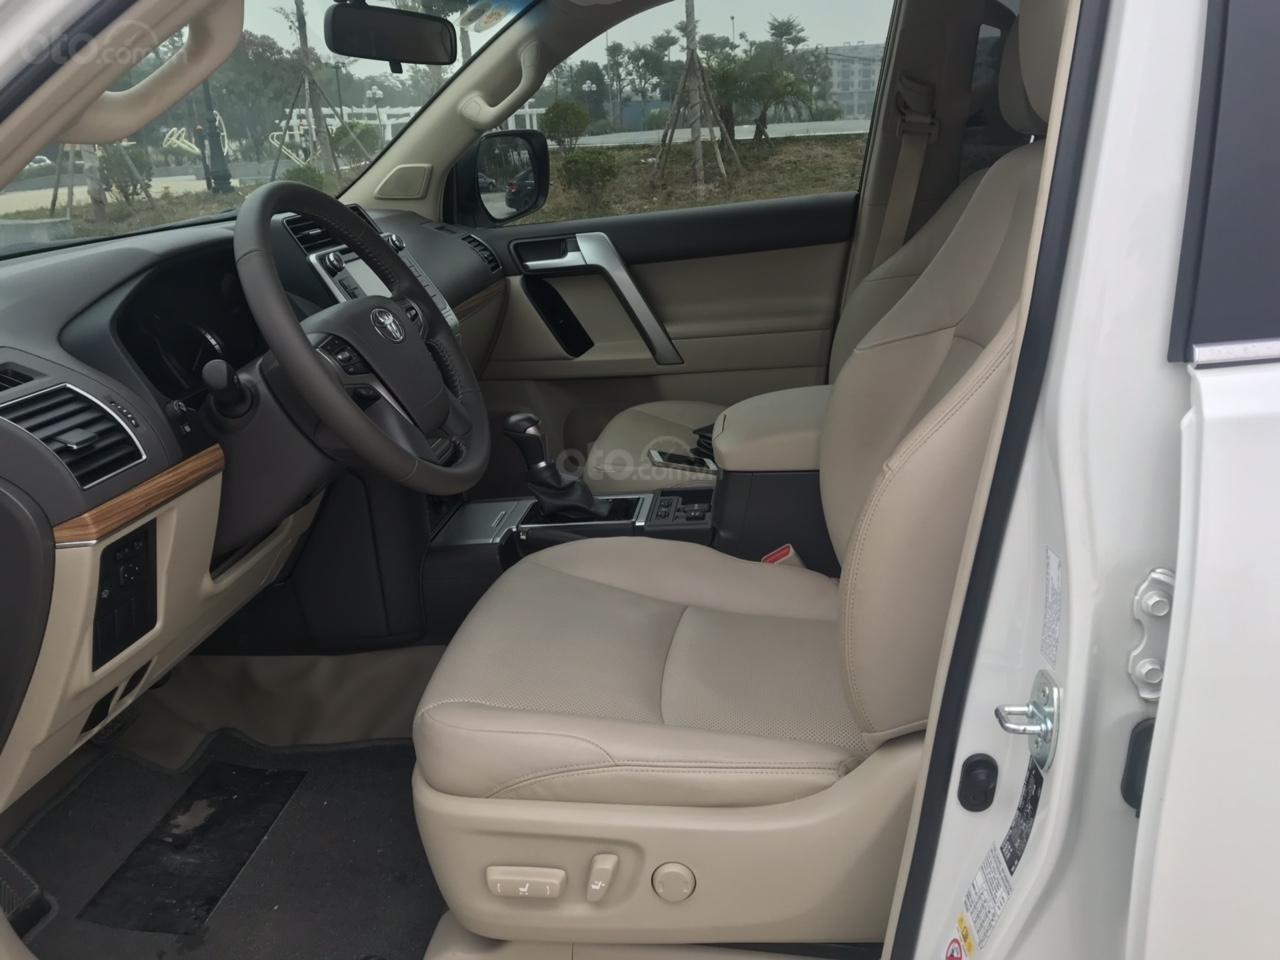 Cần bán xe Toyota Prado đời 2018, màu trắng, xe siêu lướt thơm mùi mới - Liên hệ: 094-711-6996 Mr Thanh-6